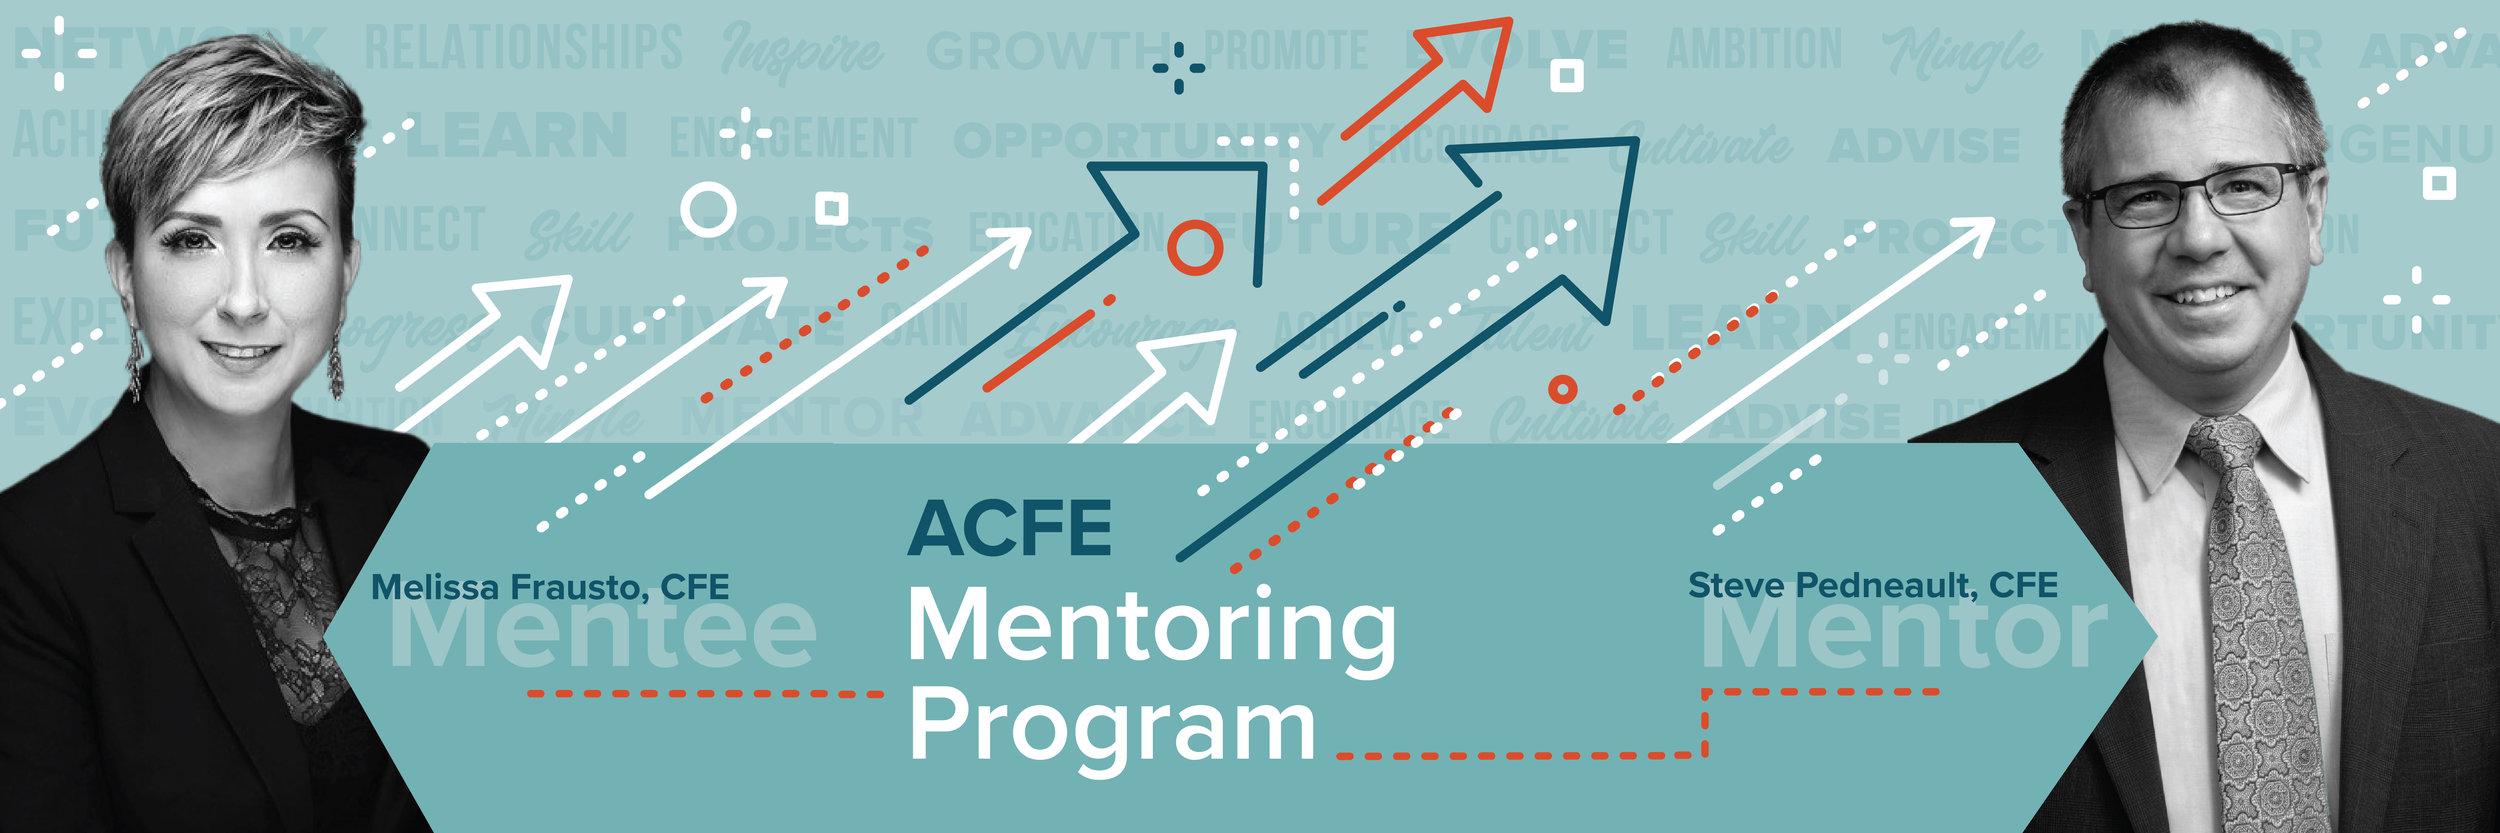 acfe-mentoring-success-banner.jpg